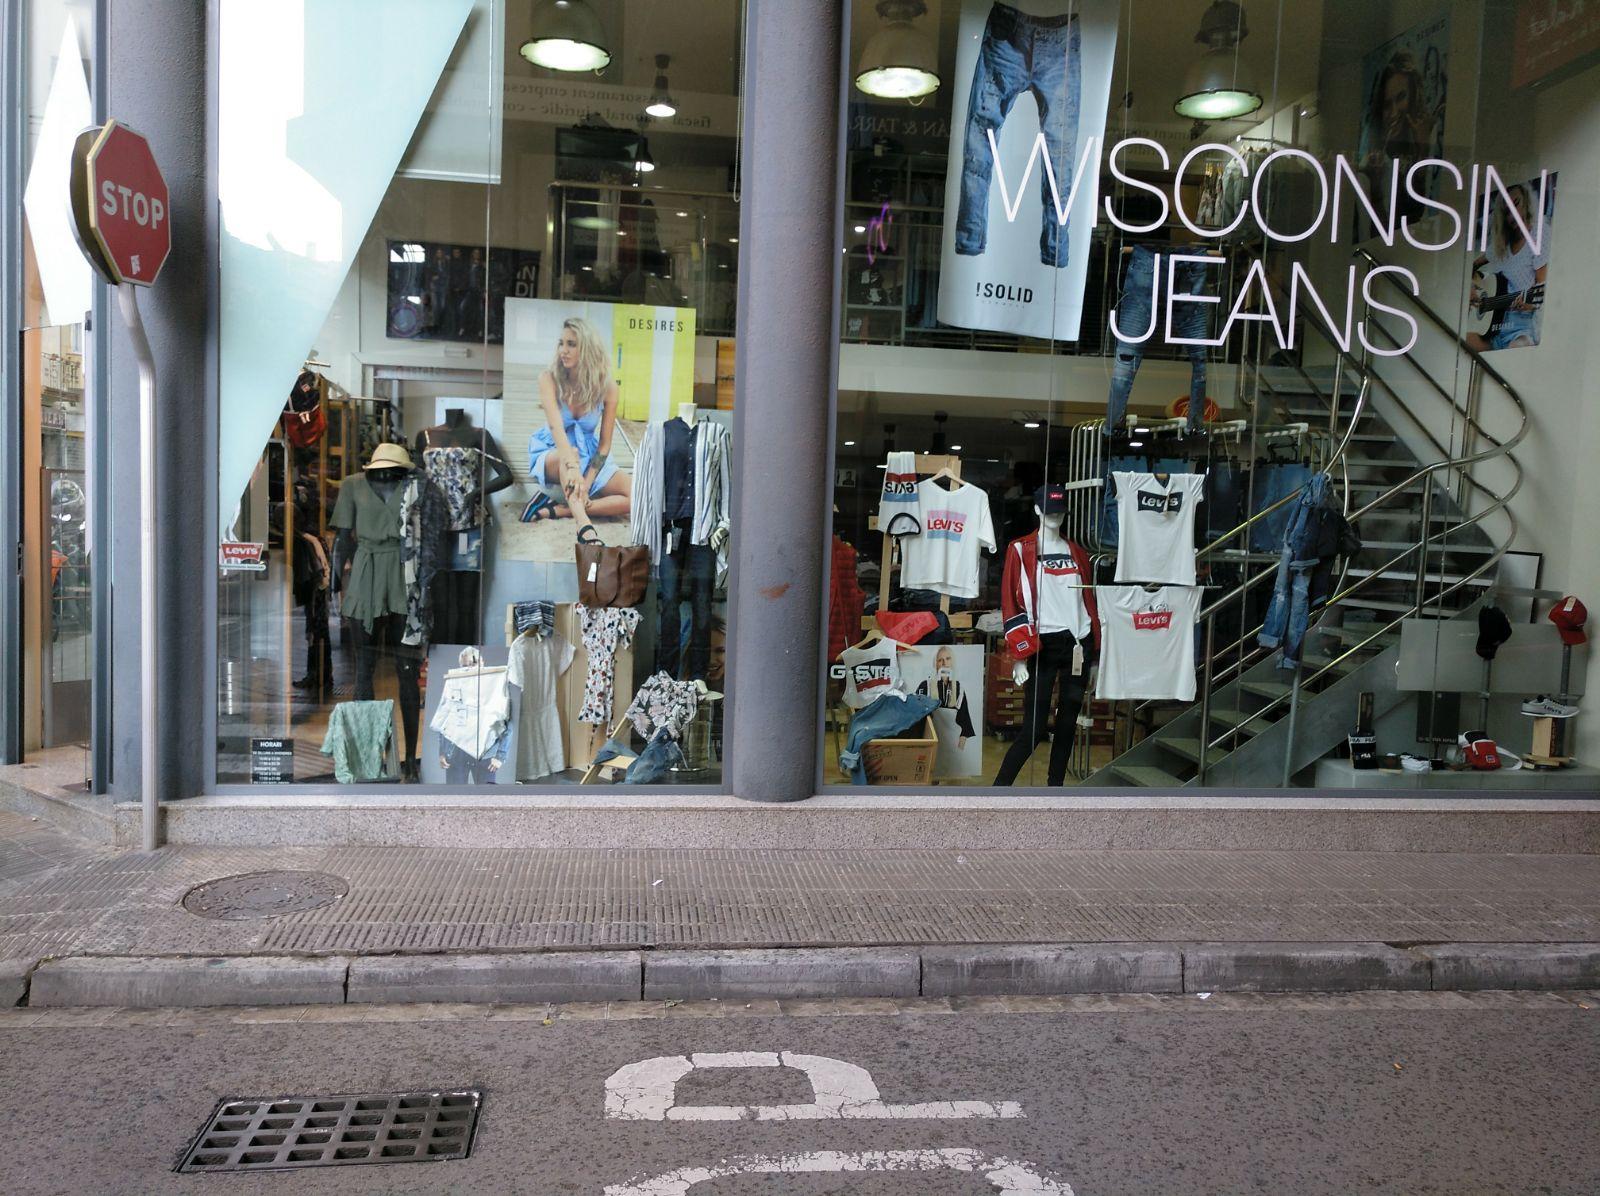 Imágenes de Wisconsin Jeans